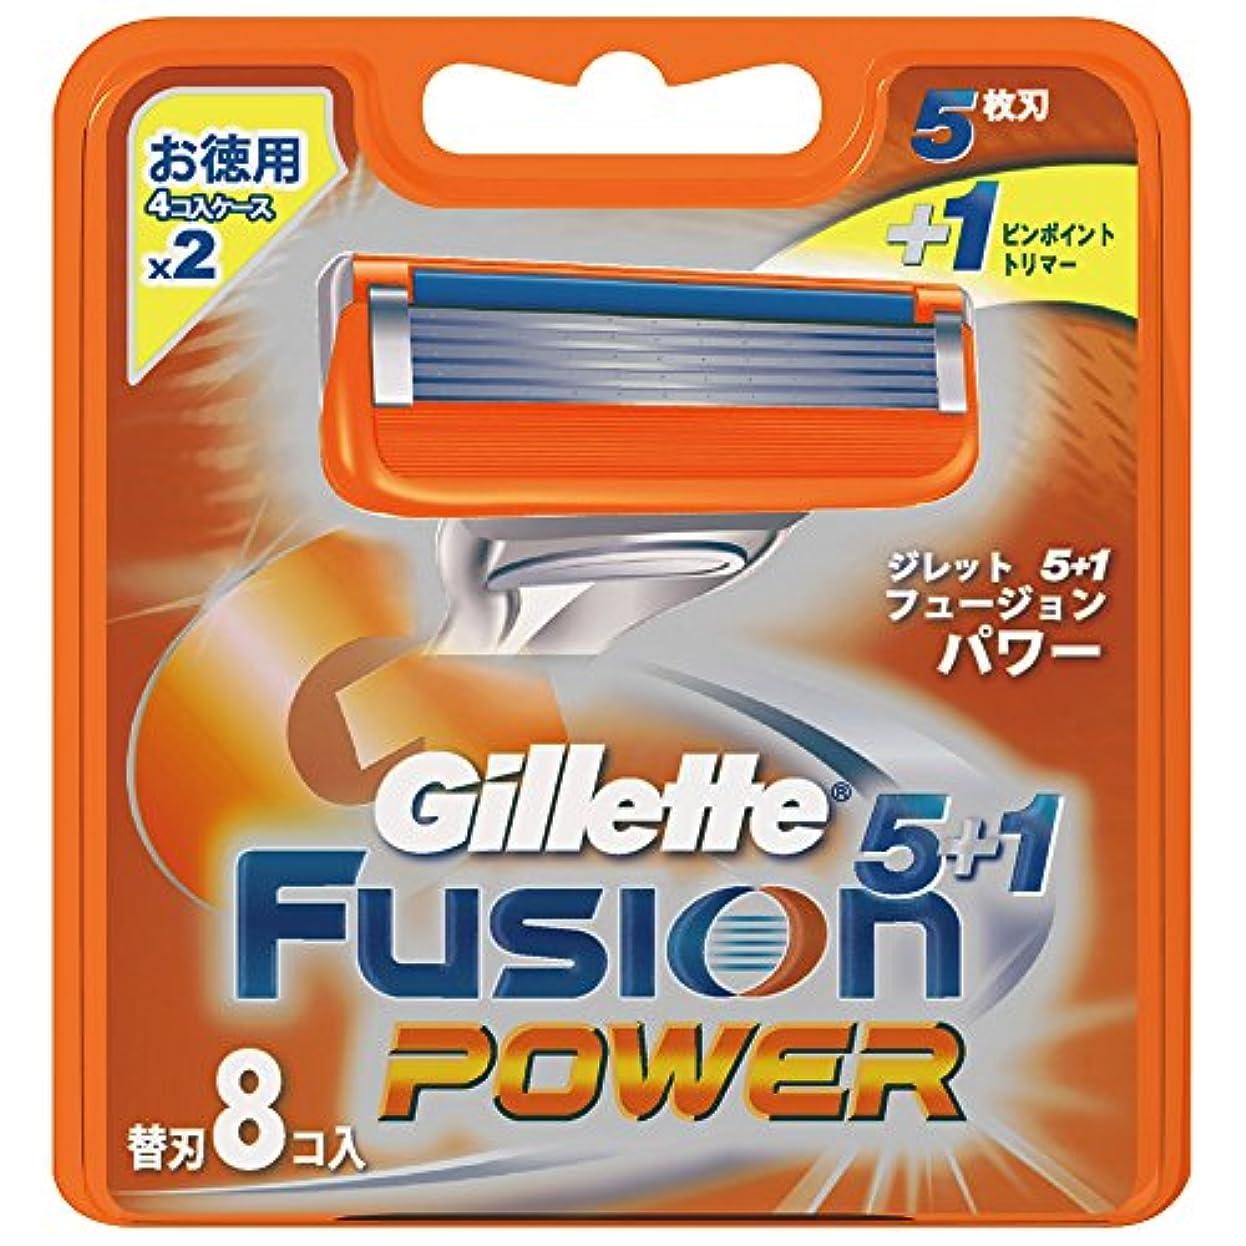 神秘的な雄弁な資格ジレット 髭剃り フュージョン5+1 パワー 替刃8個入